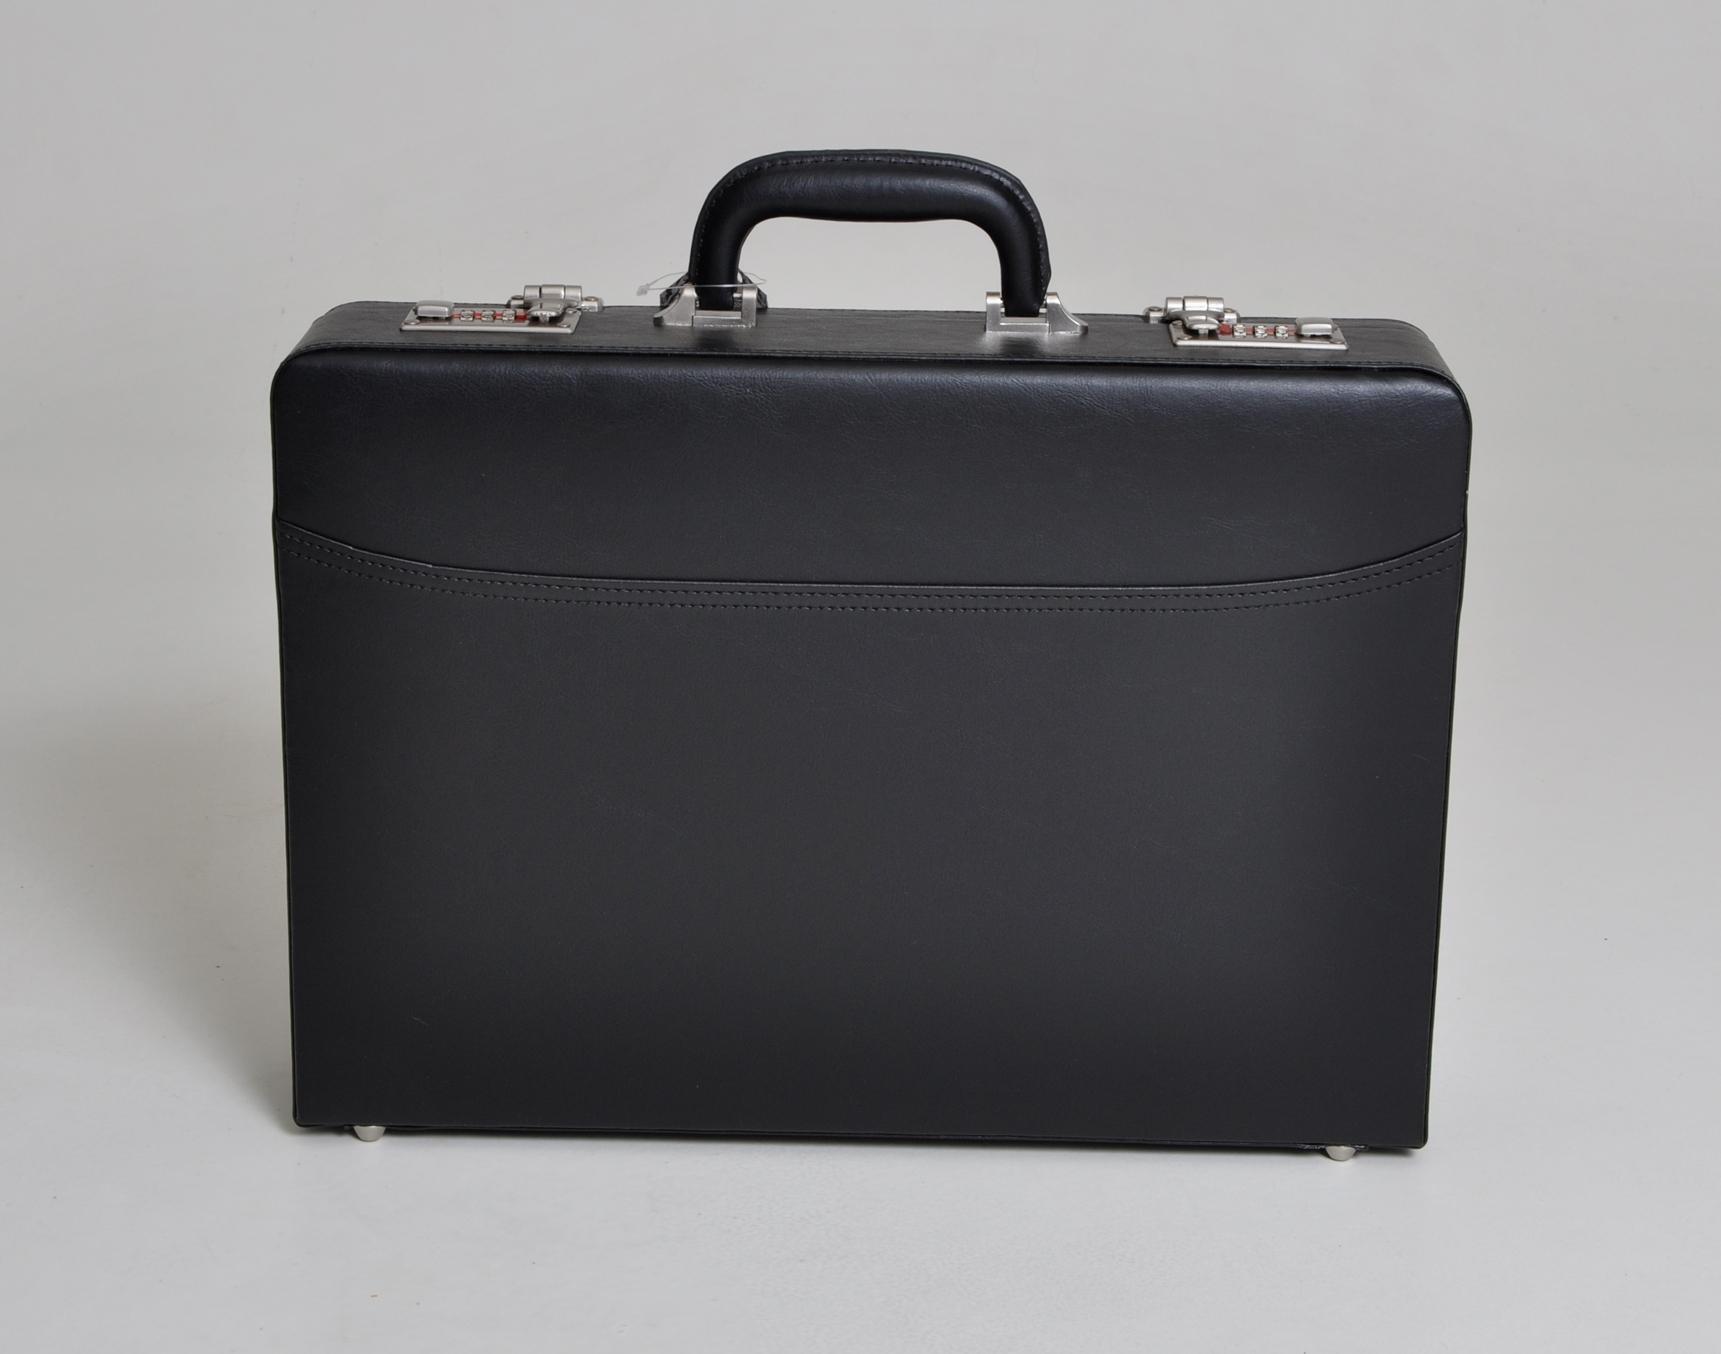 Atache kufr Silvercase 033 černý